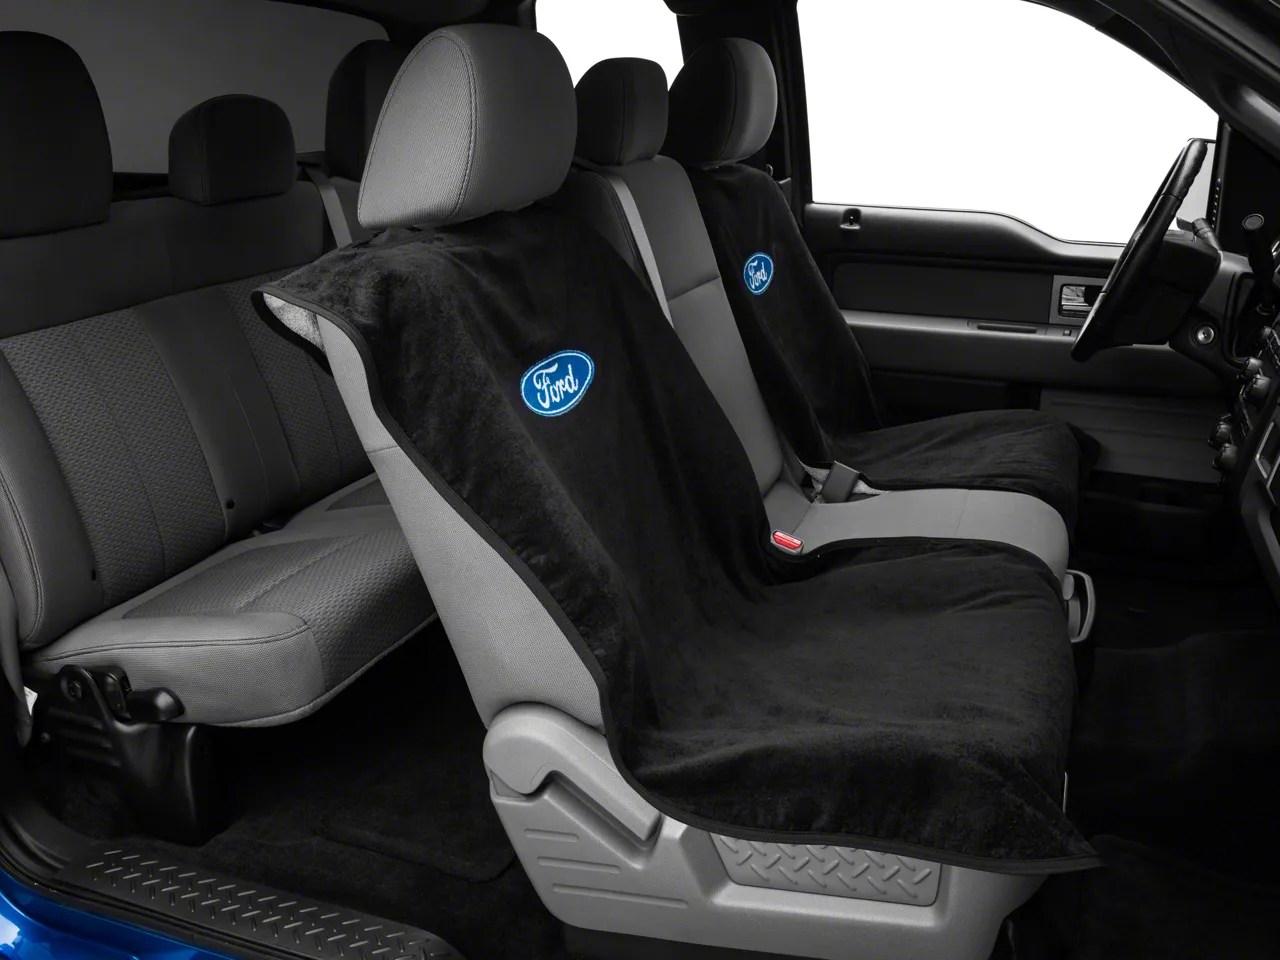 Tech Armor Seat Covers Brokeasshomecom